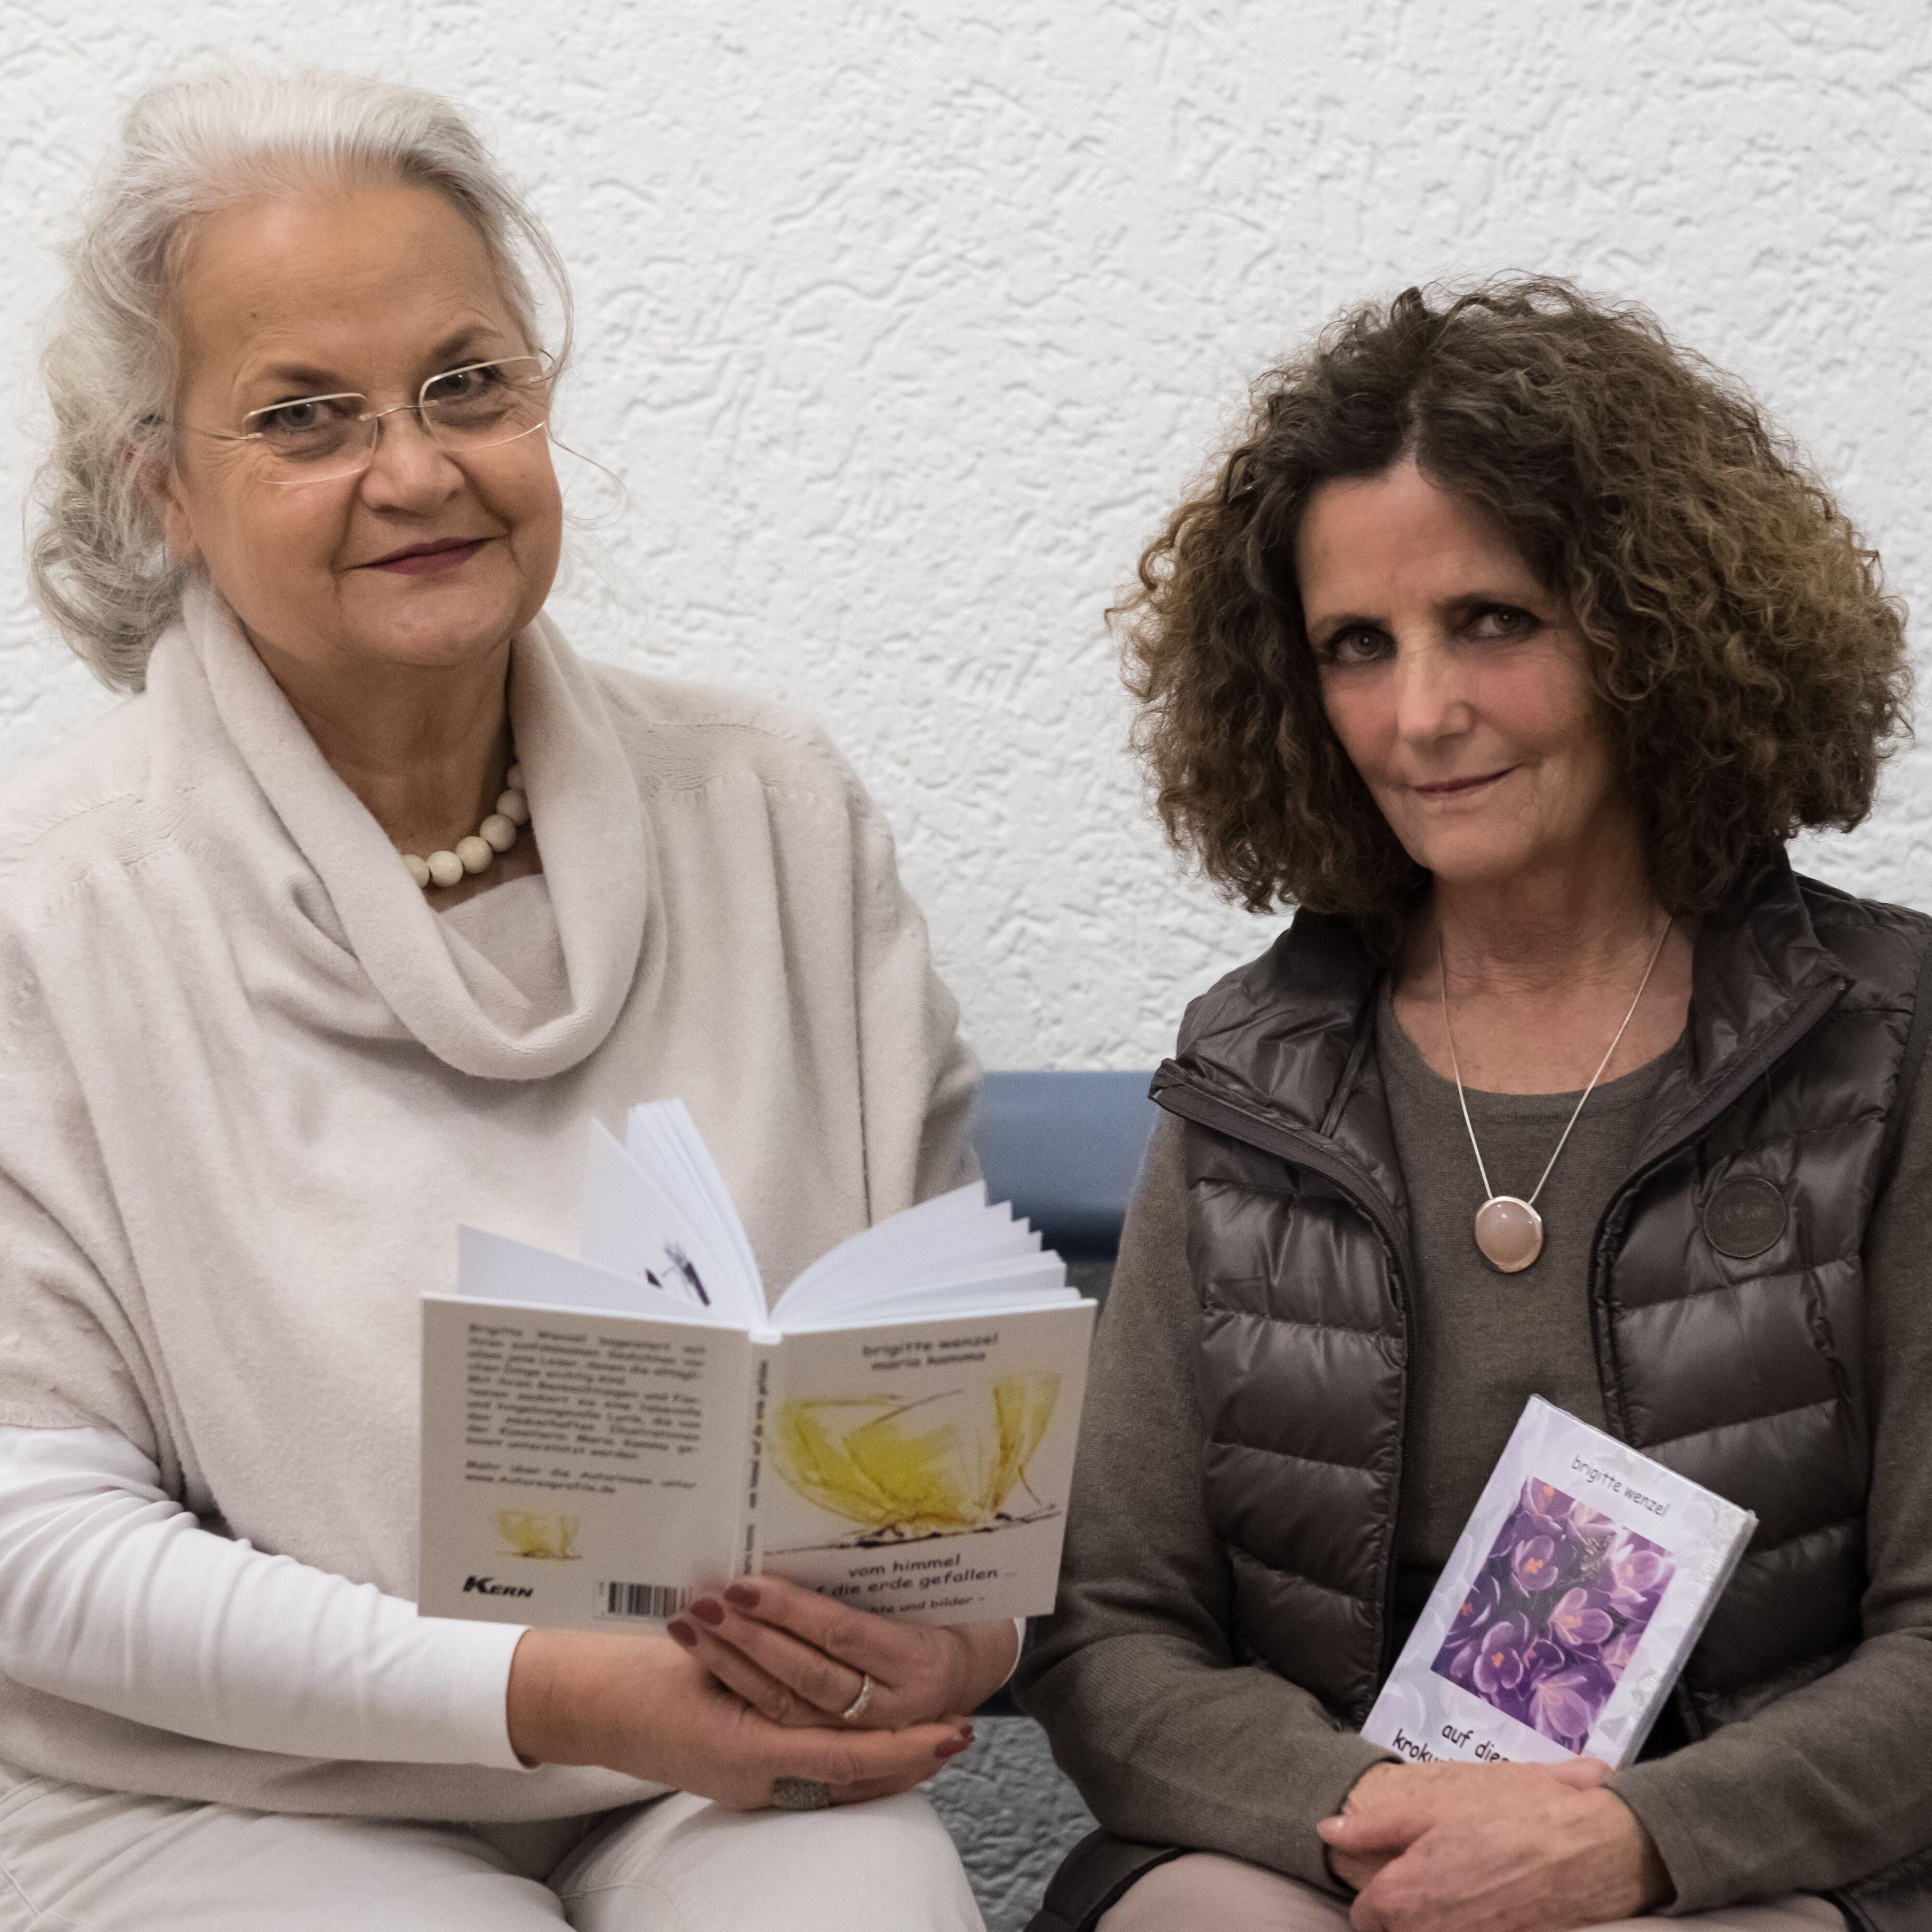 Maria Kamma und Brigitte Wenzel präsentieren Bilder, Speckstein und Bücher